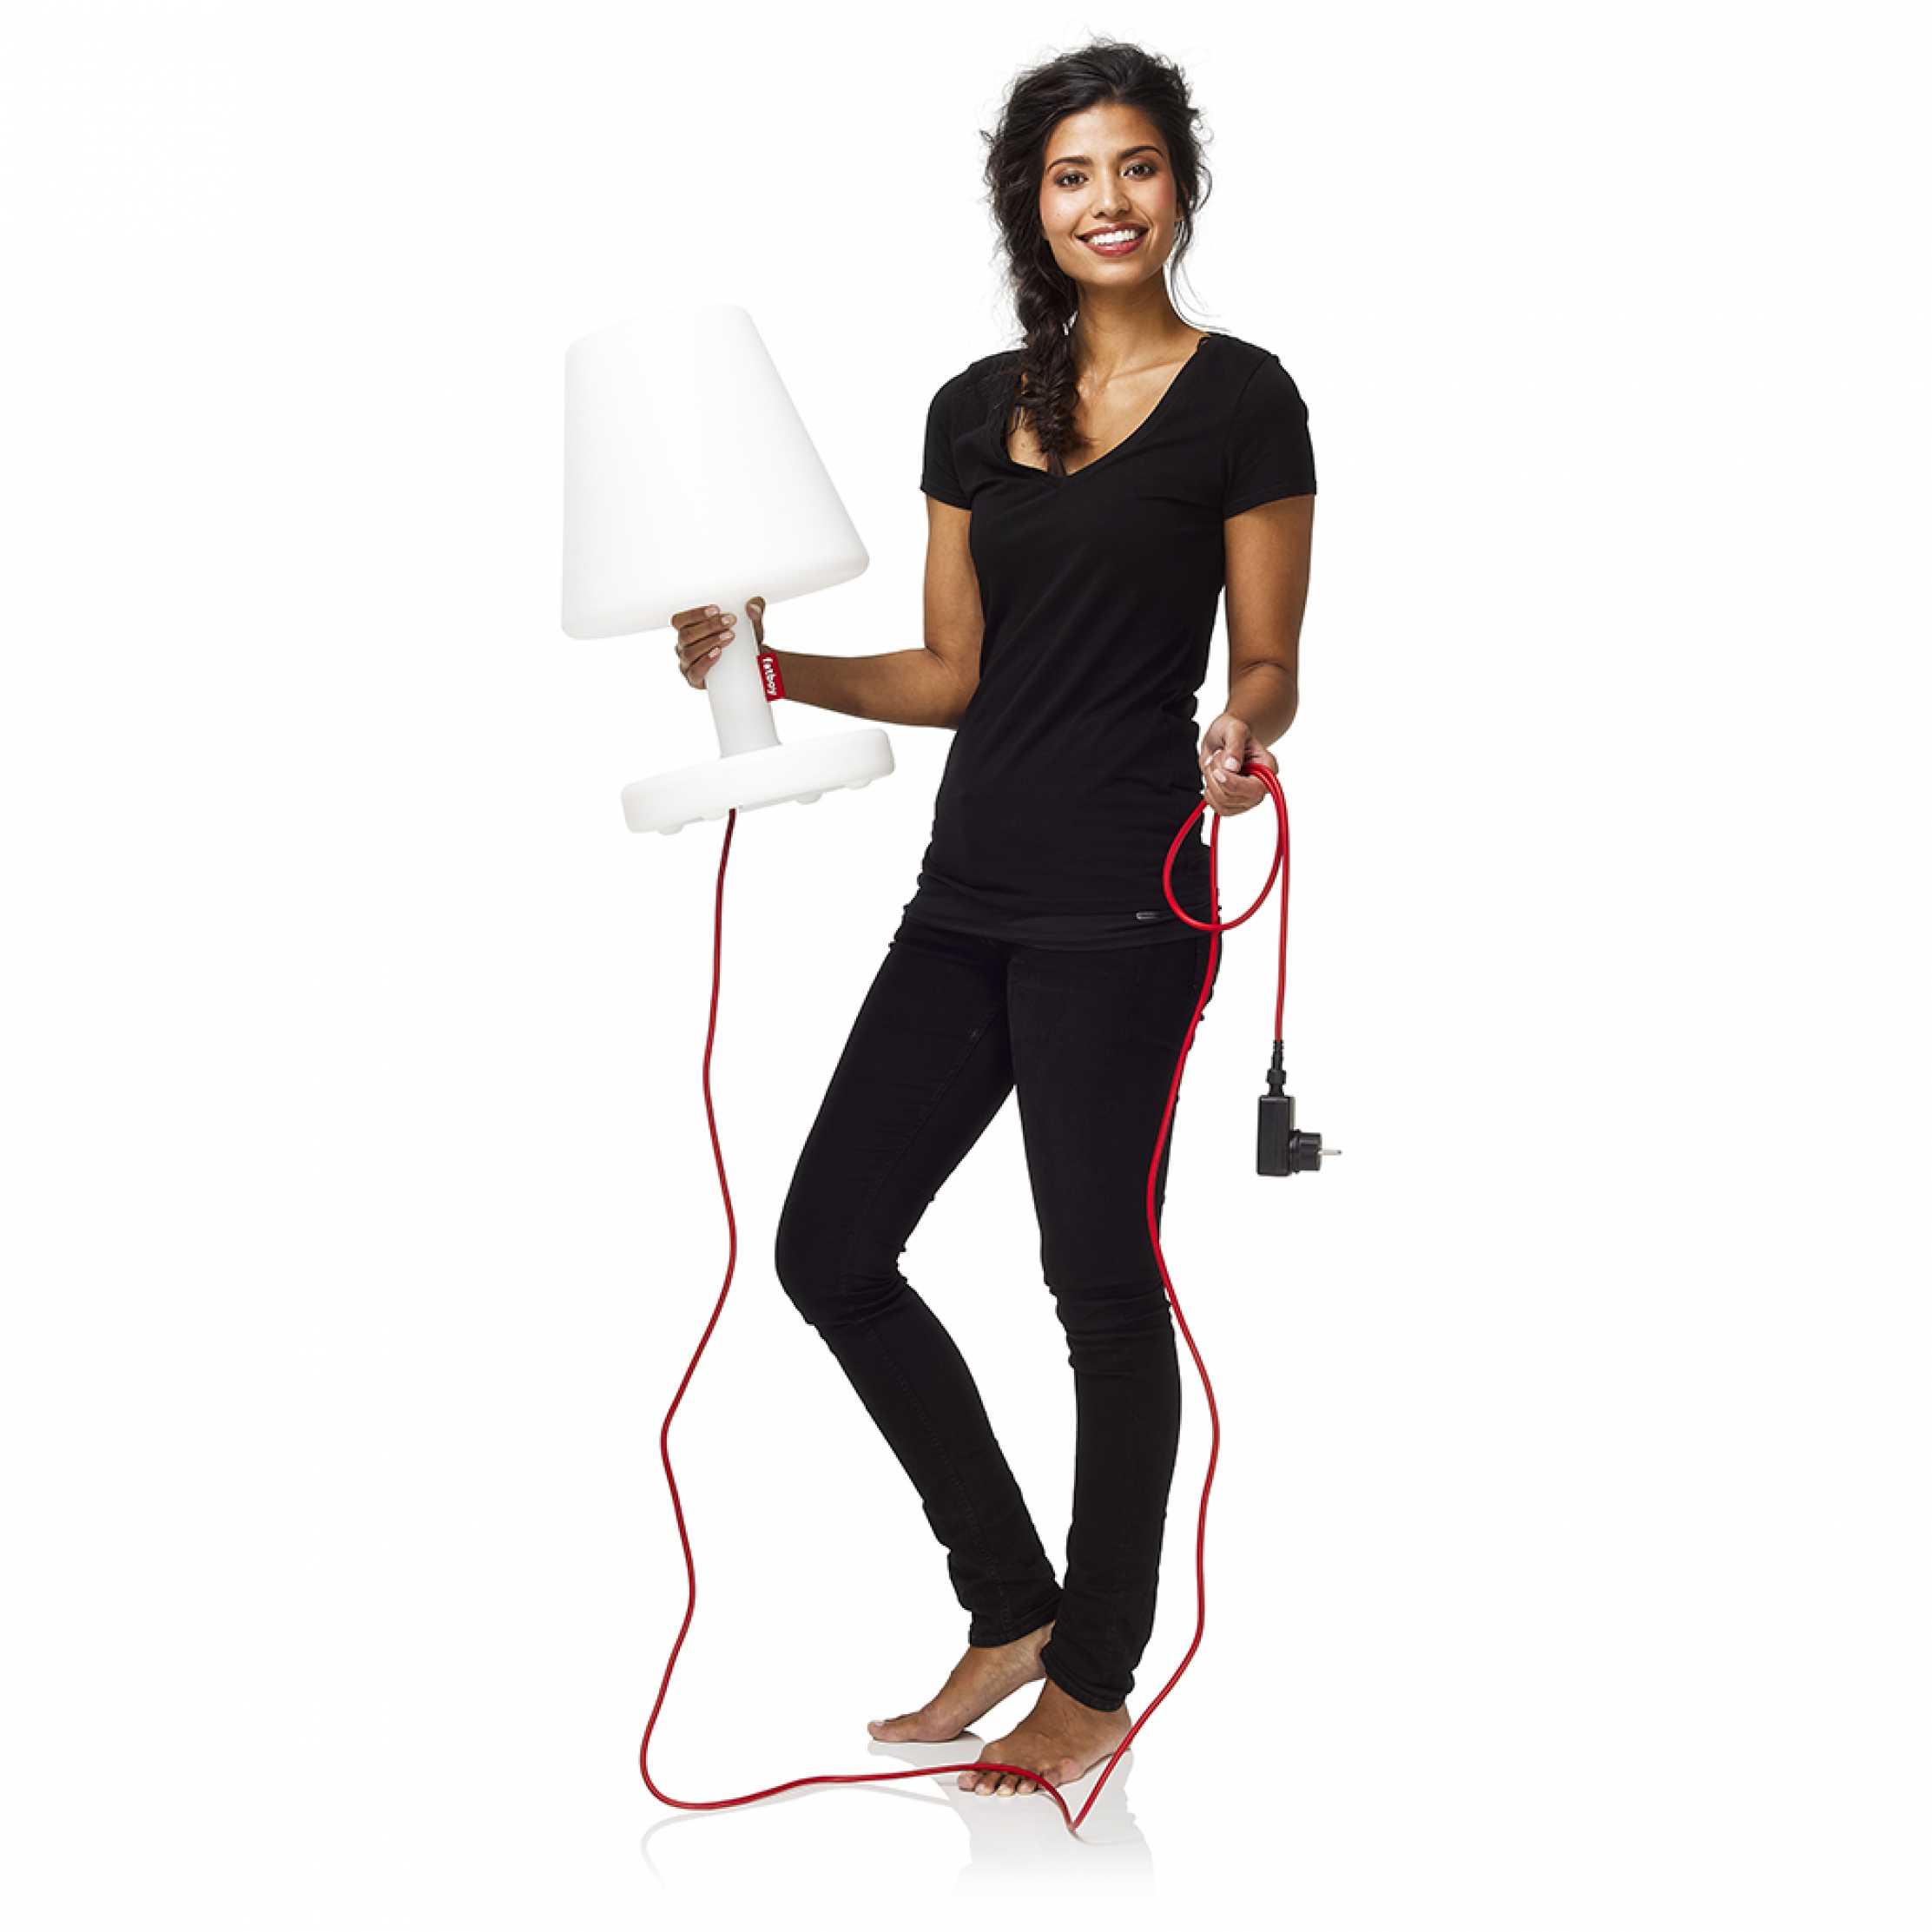 Femme portant dans les mains The Medium, la lampe Medium de la collection Edinson